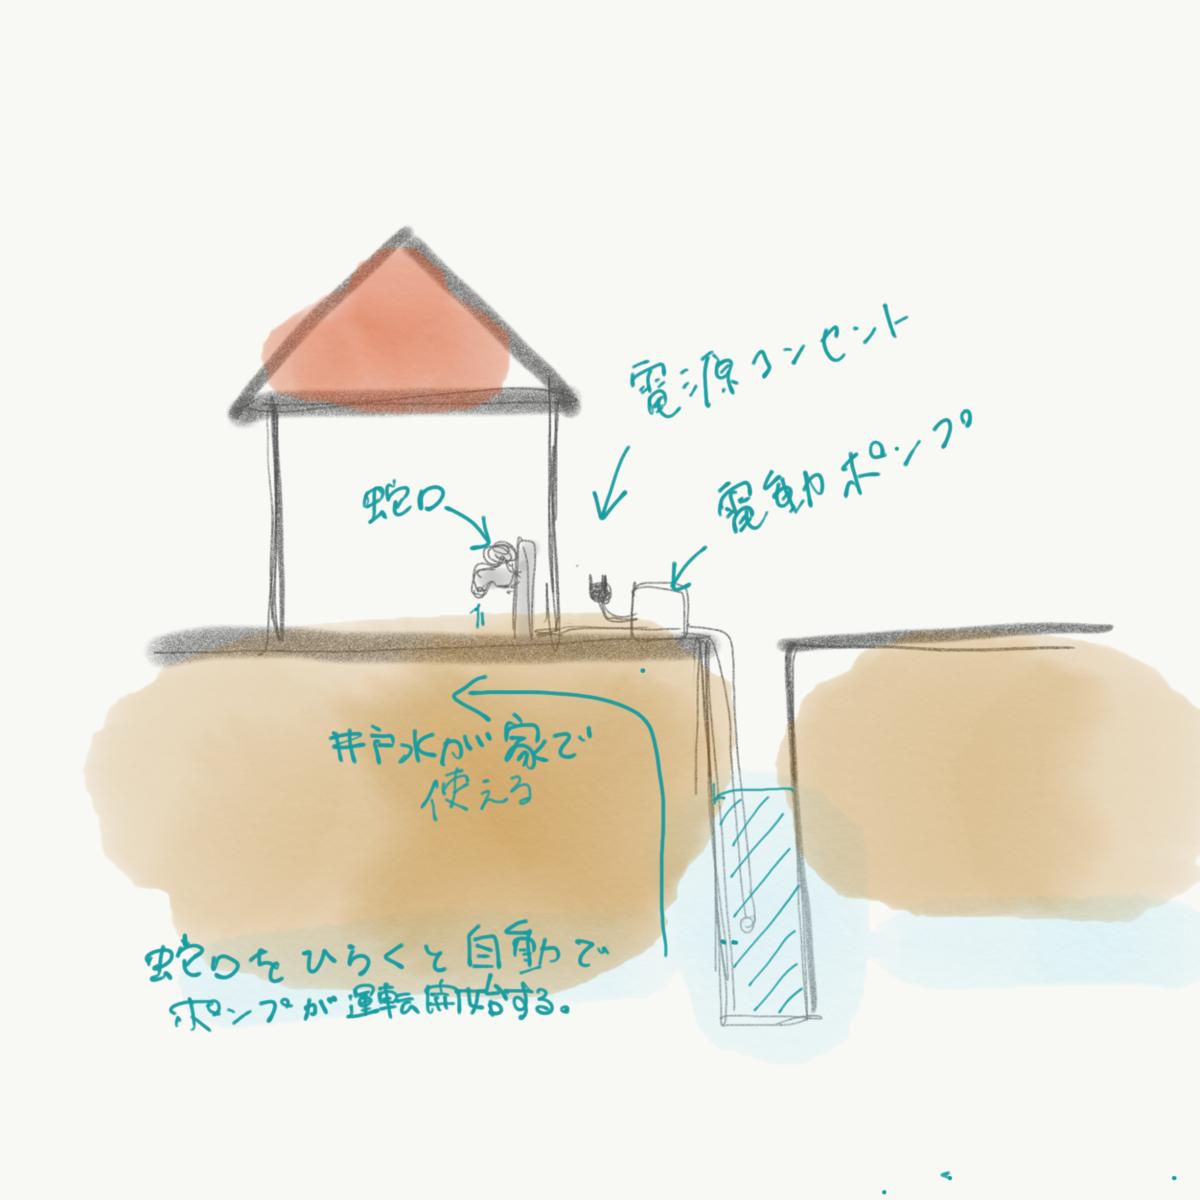 f:id:ma_naru:20190918130509p:plain